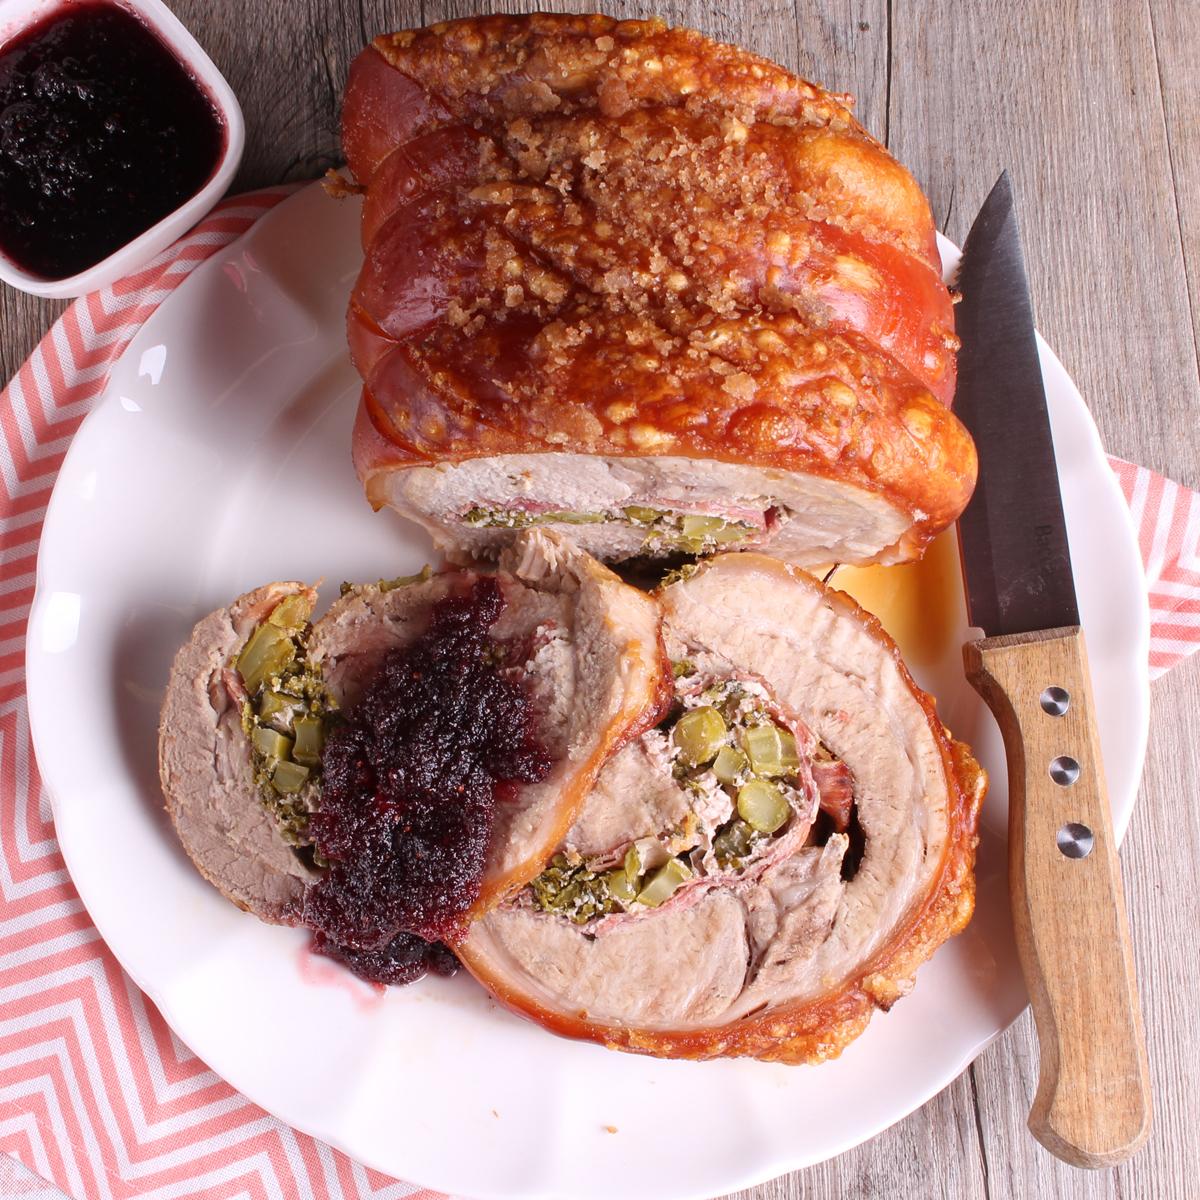 Stuffed Pork Loin Roast with Cranberry Orange Sauce - pork loin roast